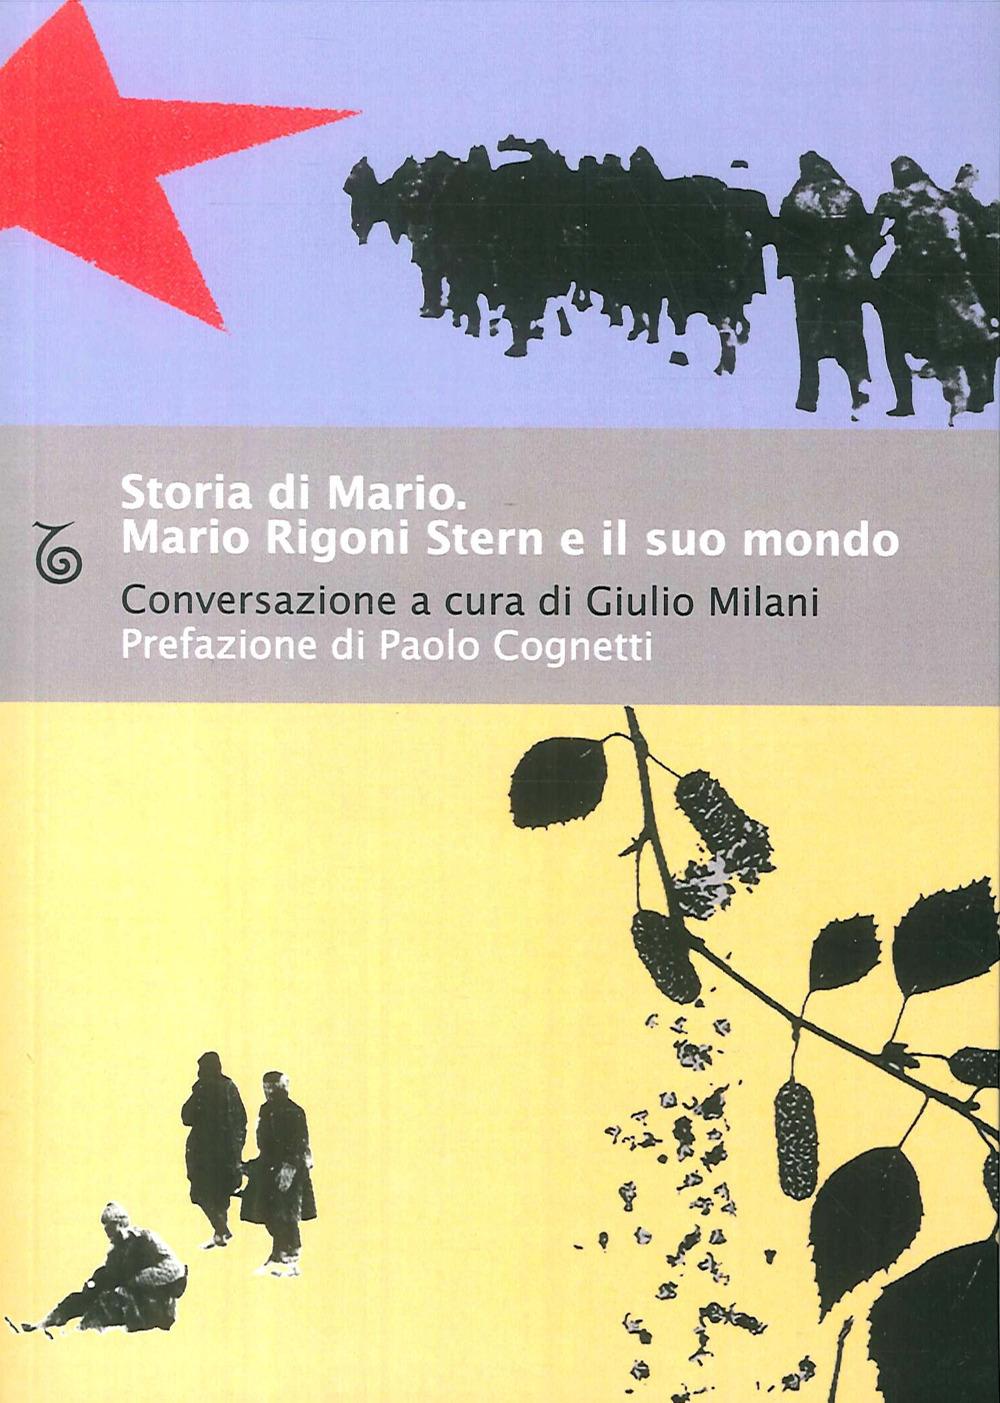 STORIA DI MARIO. MARIO RIGONI STERN E IL SUO MONDO - 9788898716784